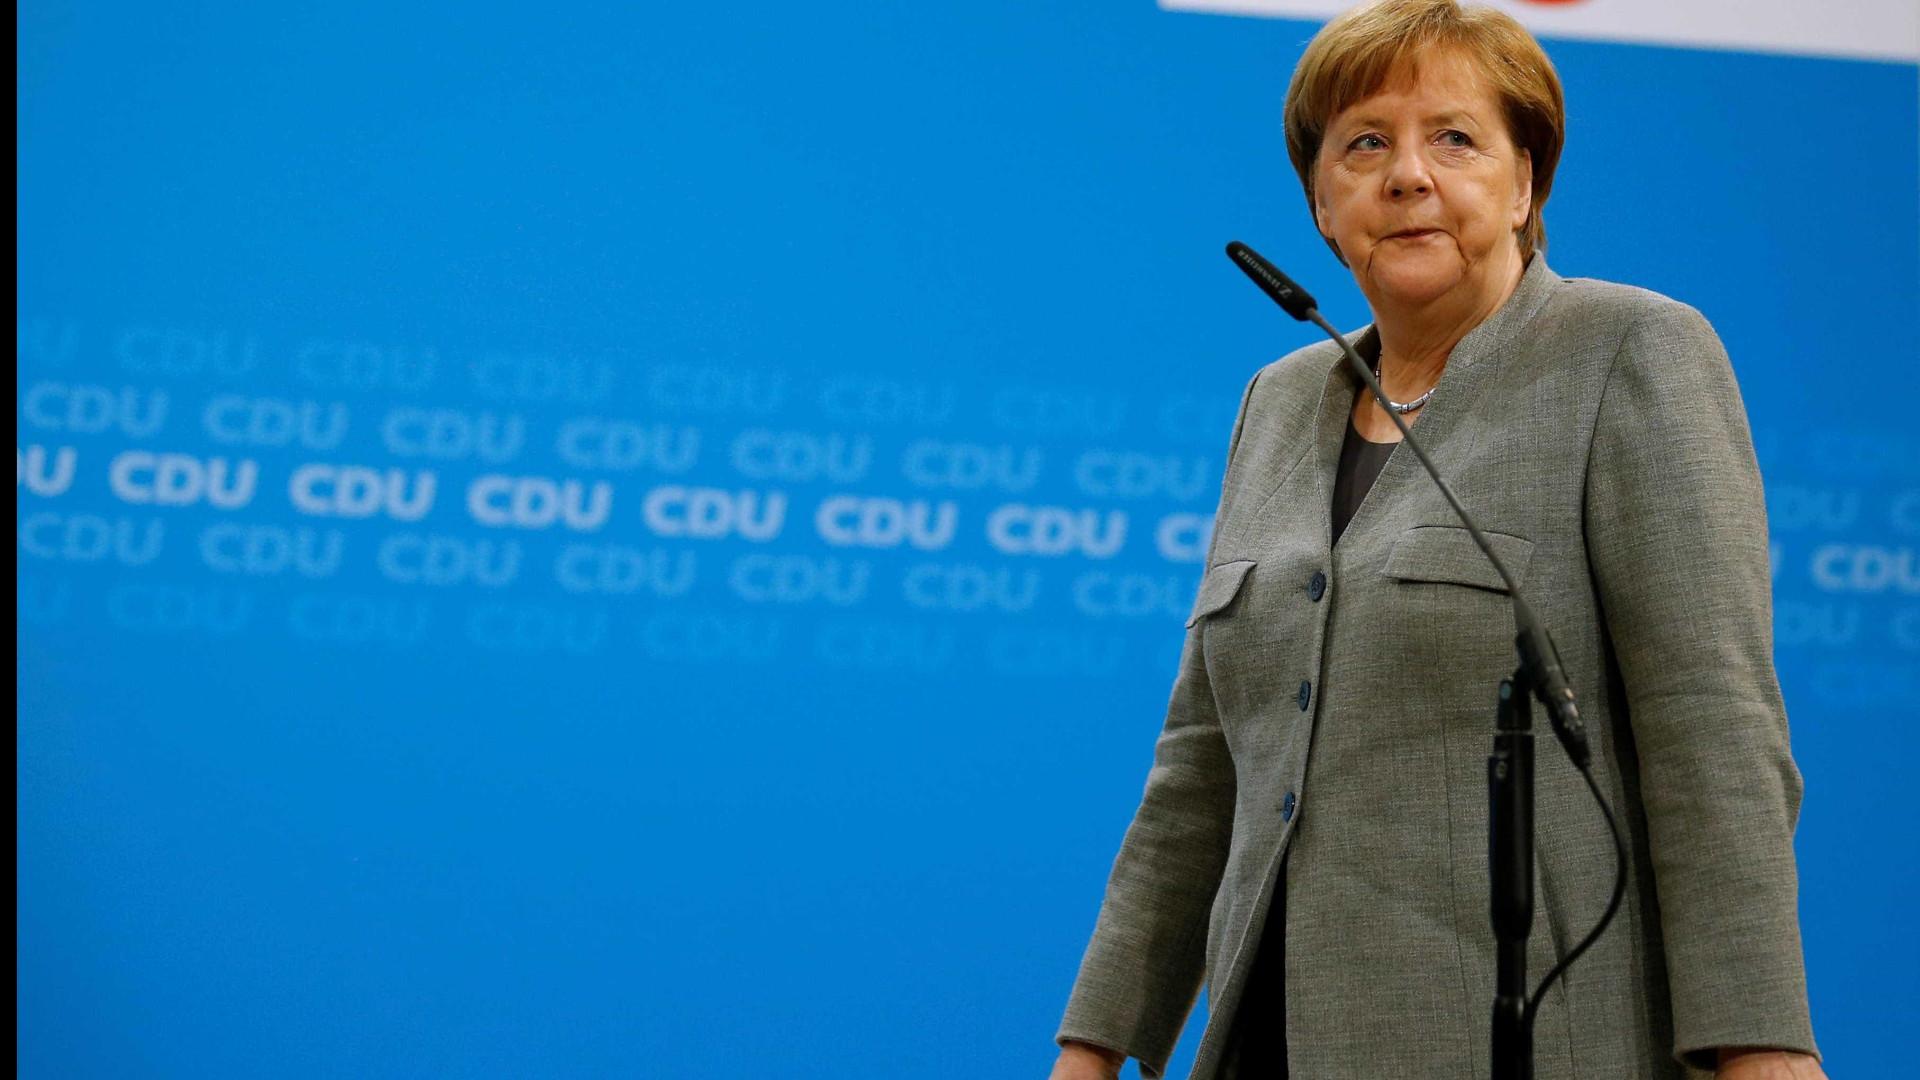 Alemanha: SPD aprova coligação com Merkel para formação de Governo